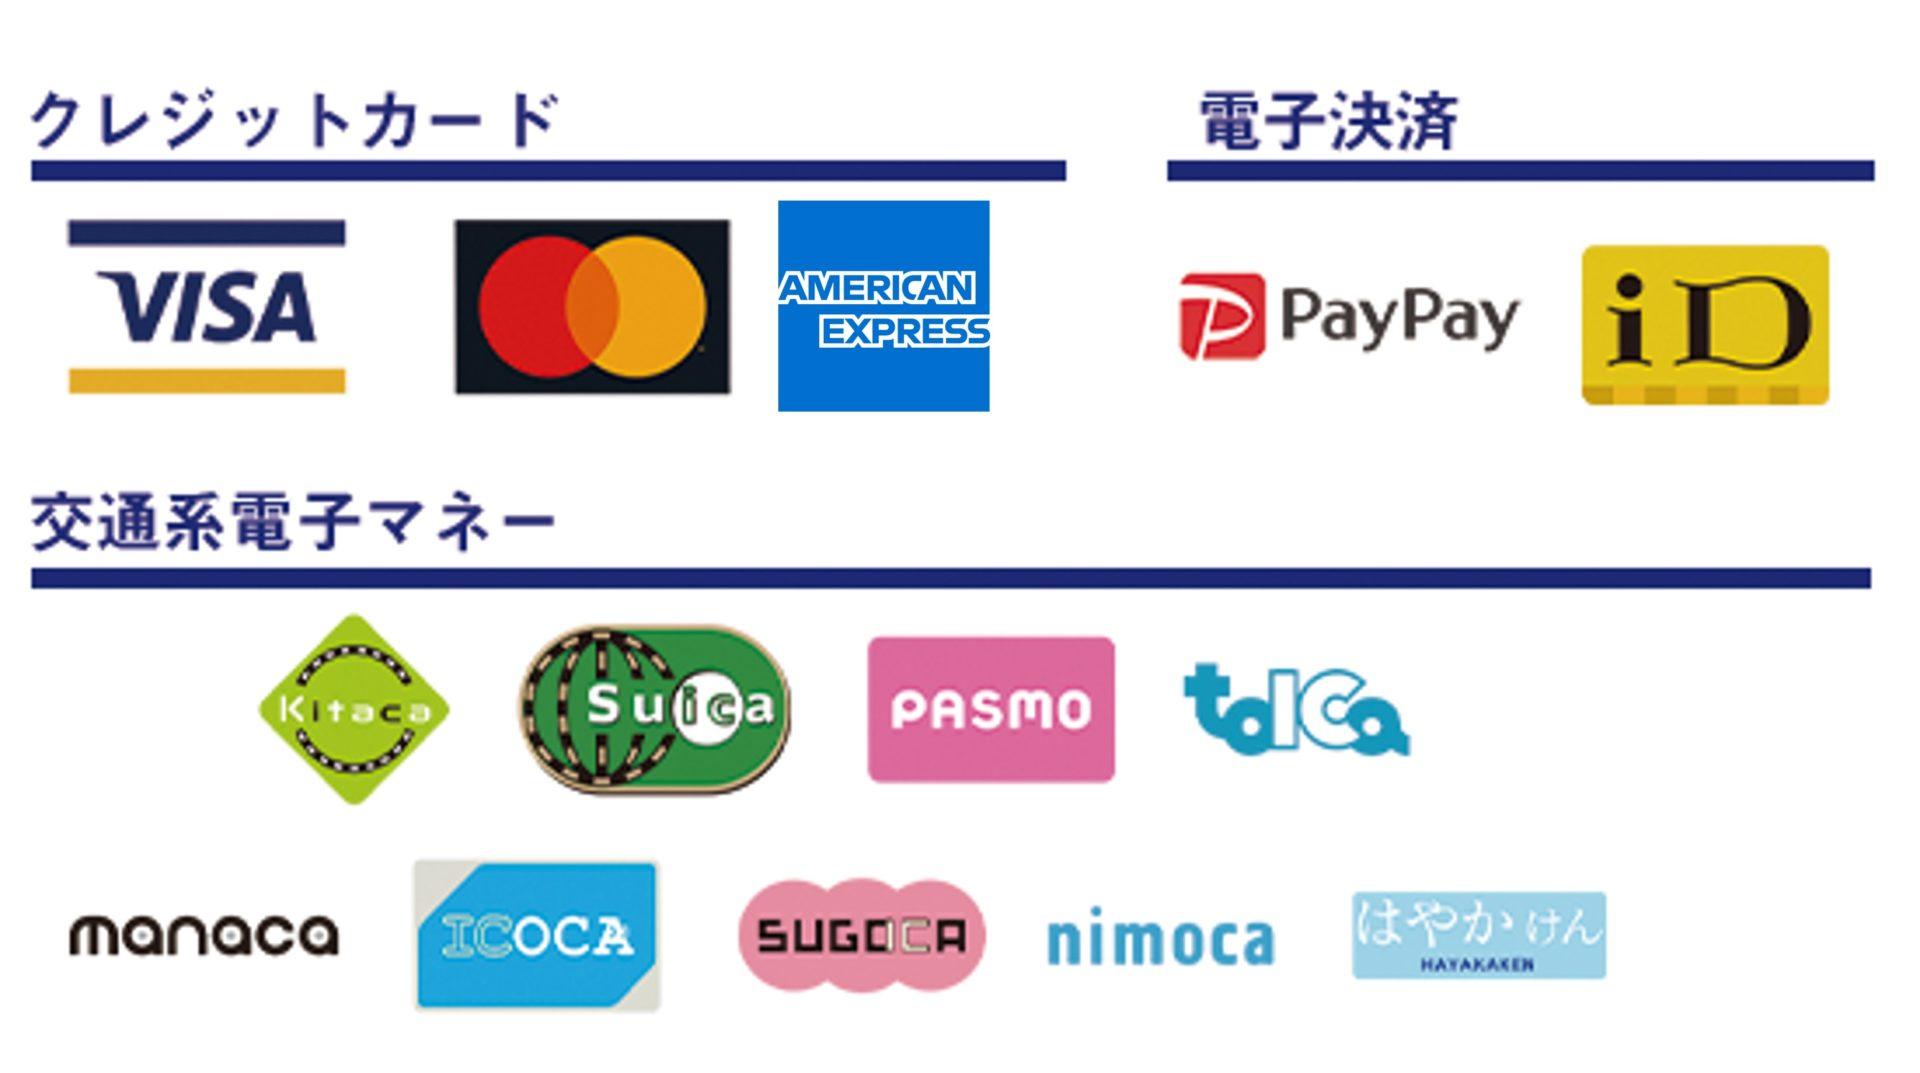 対応クレジットカード等お支払い方法